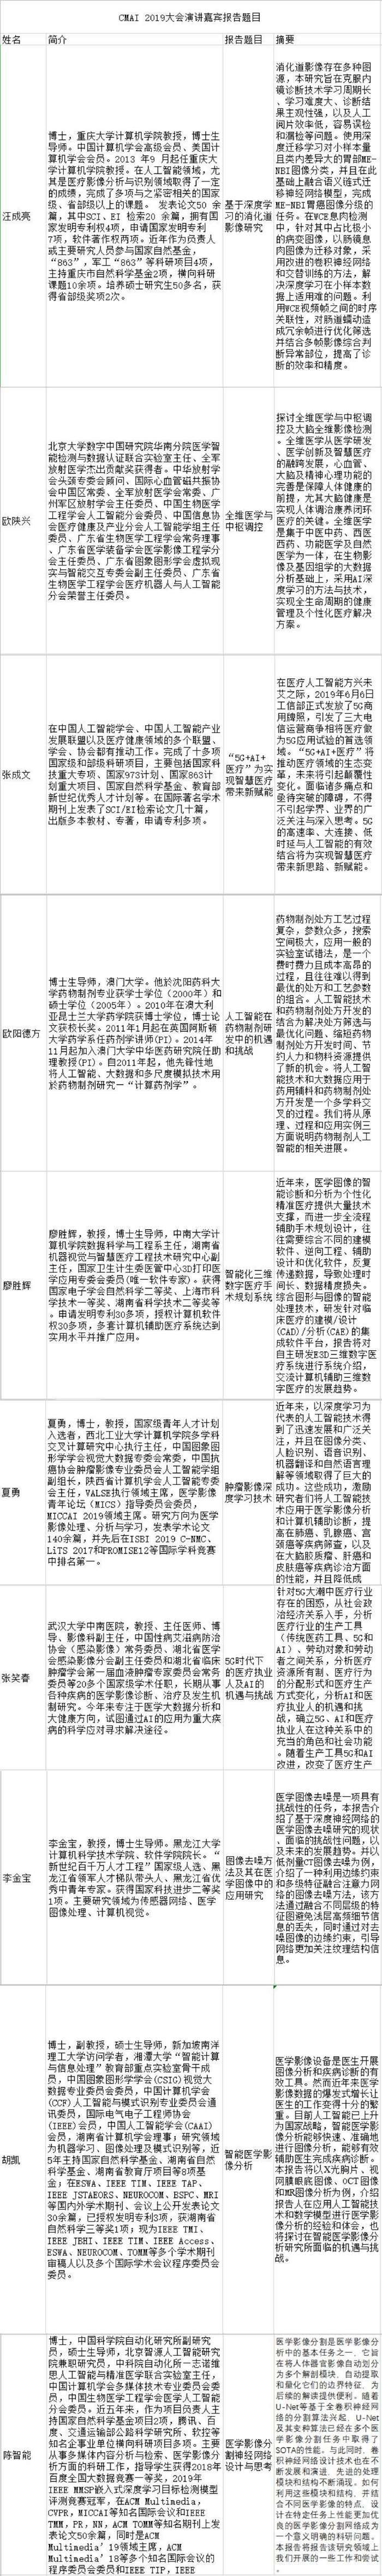 报告题目长图2.jpg